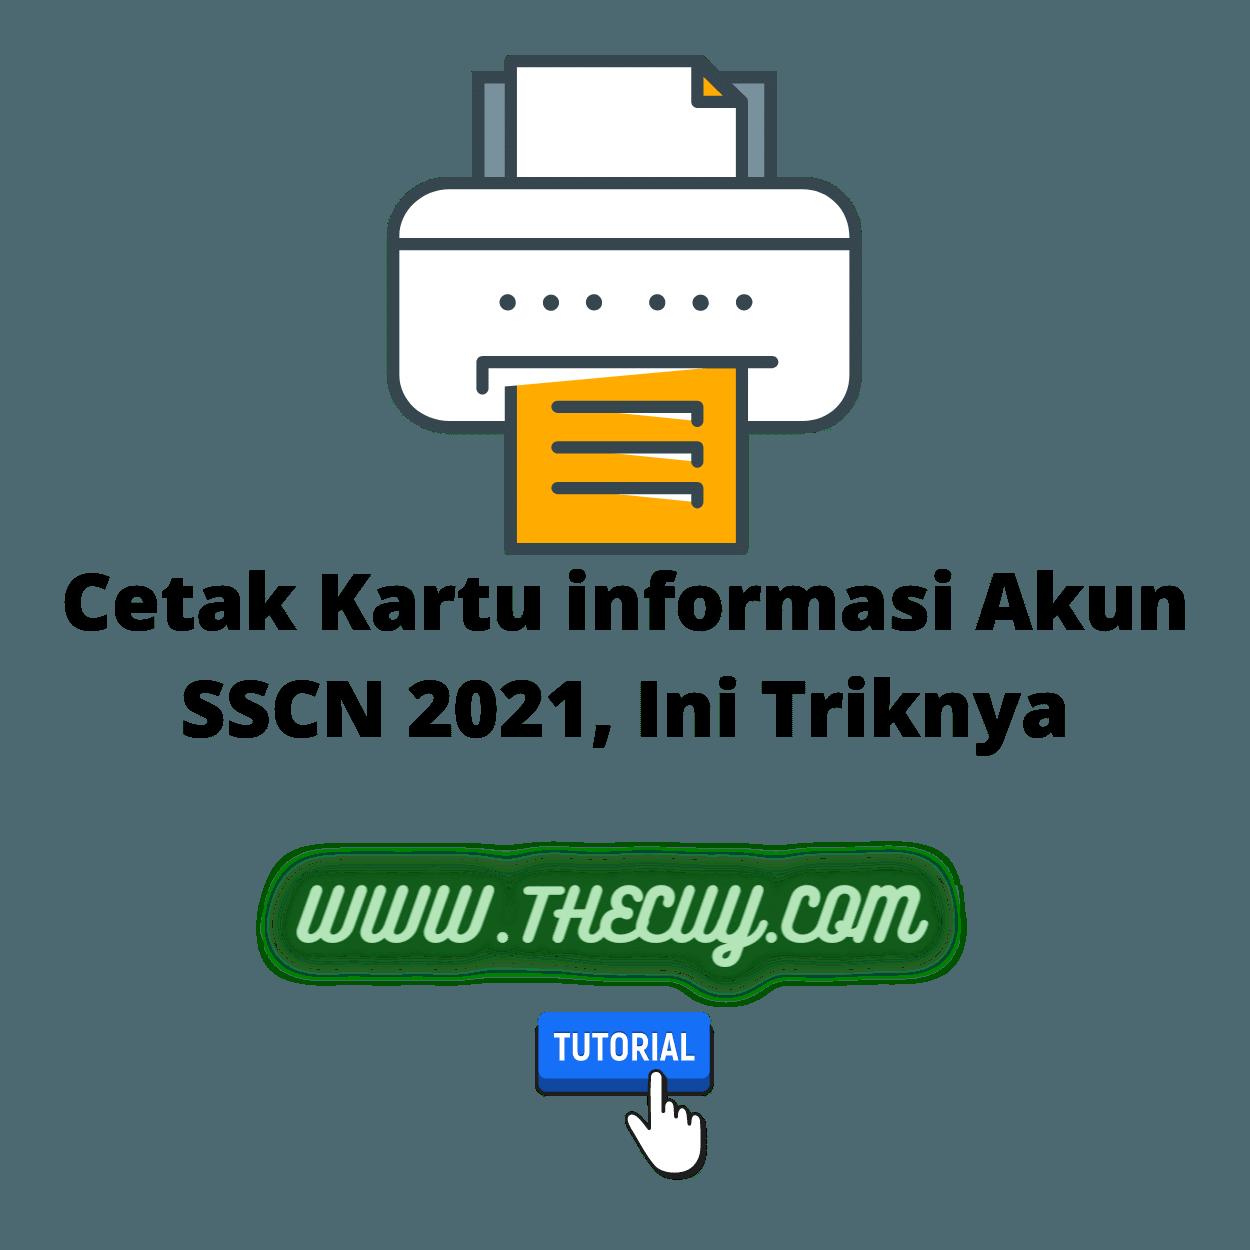 Cetak Kartu informasi Akun SSCN 2021, Ini Triknya